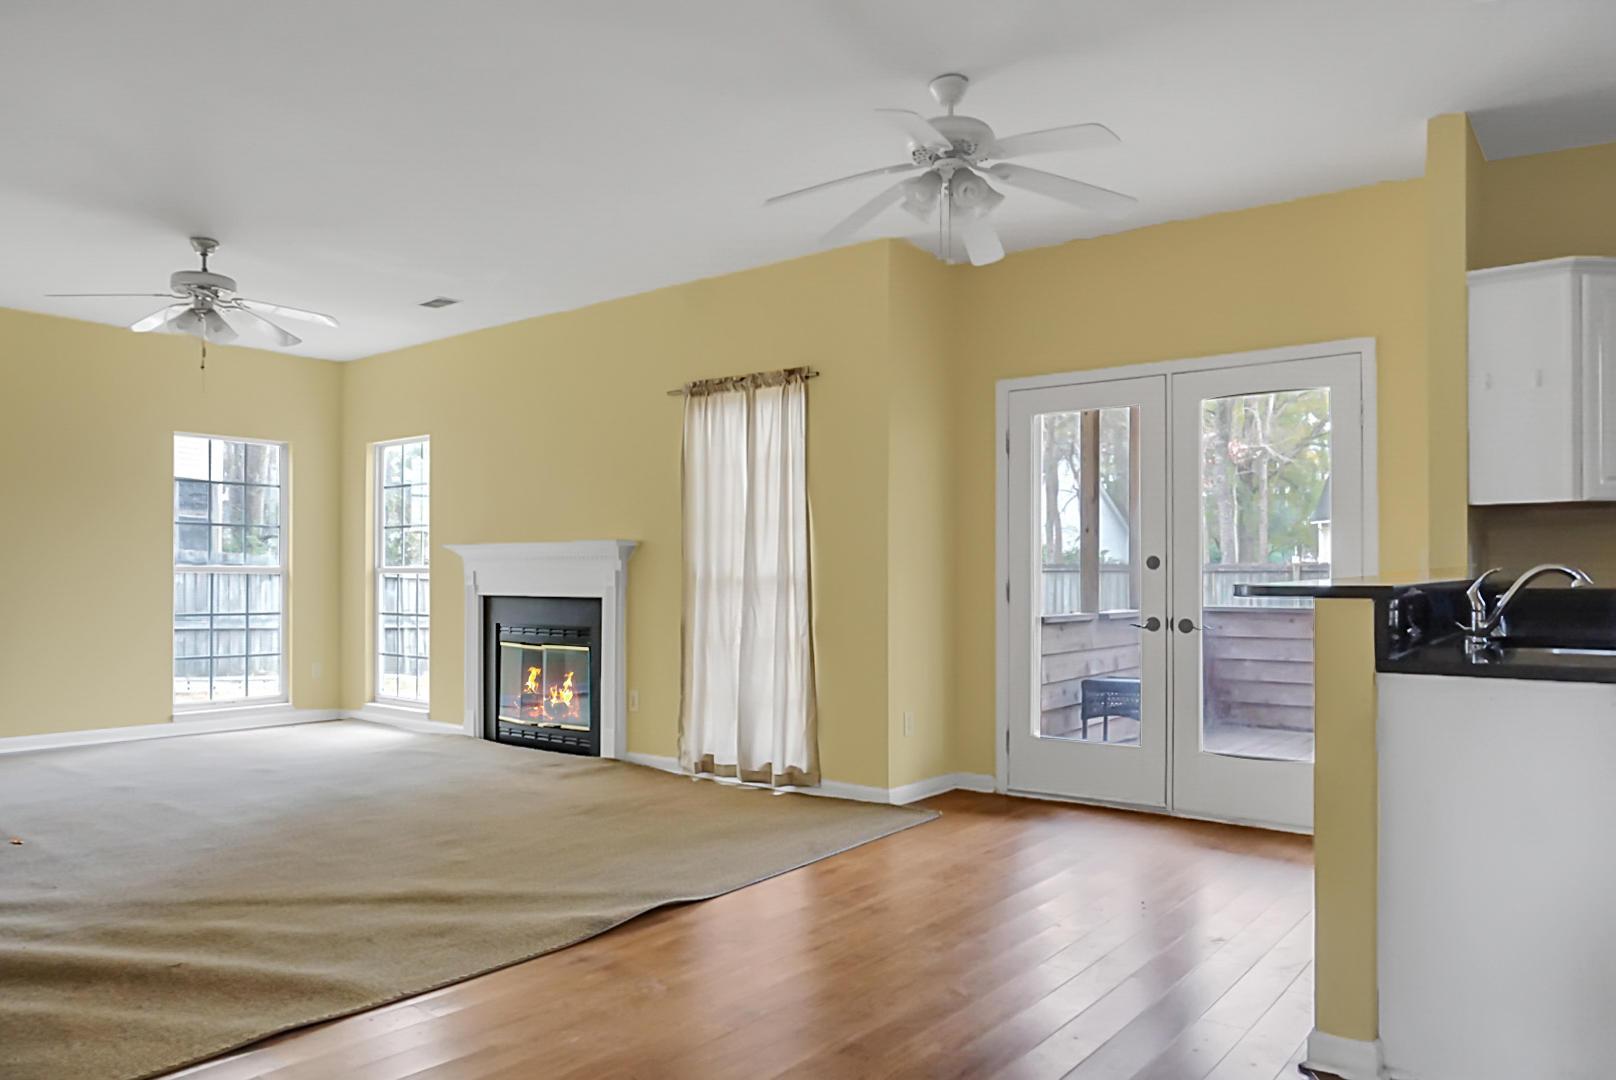 Dunes West Homes For Sale - 3209 Carmel Bay, Mount Pleasant, SC - 26